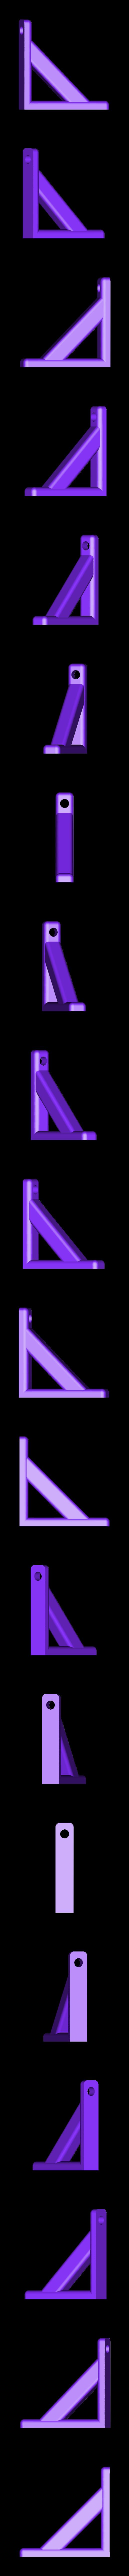 Bookshelf_Corner_Brace.stl Télécharger fichier STL gratuit Porte-porte extérieure en verre acrylique de 2,5 millions de mètres, coulissant vers le haut et vers le bas • Design imprimable en 3D, JeenyusPete